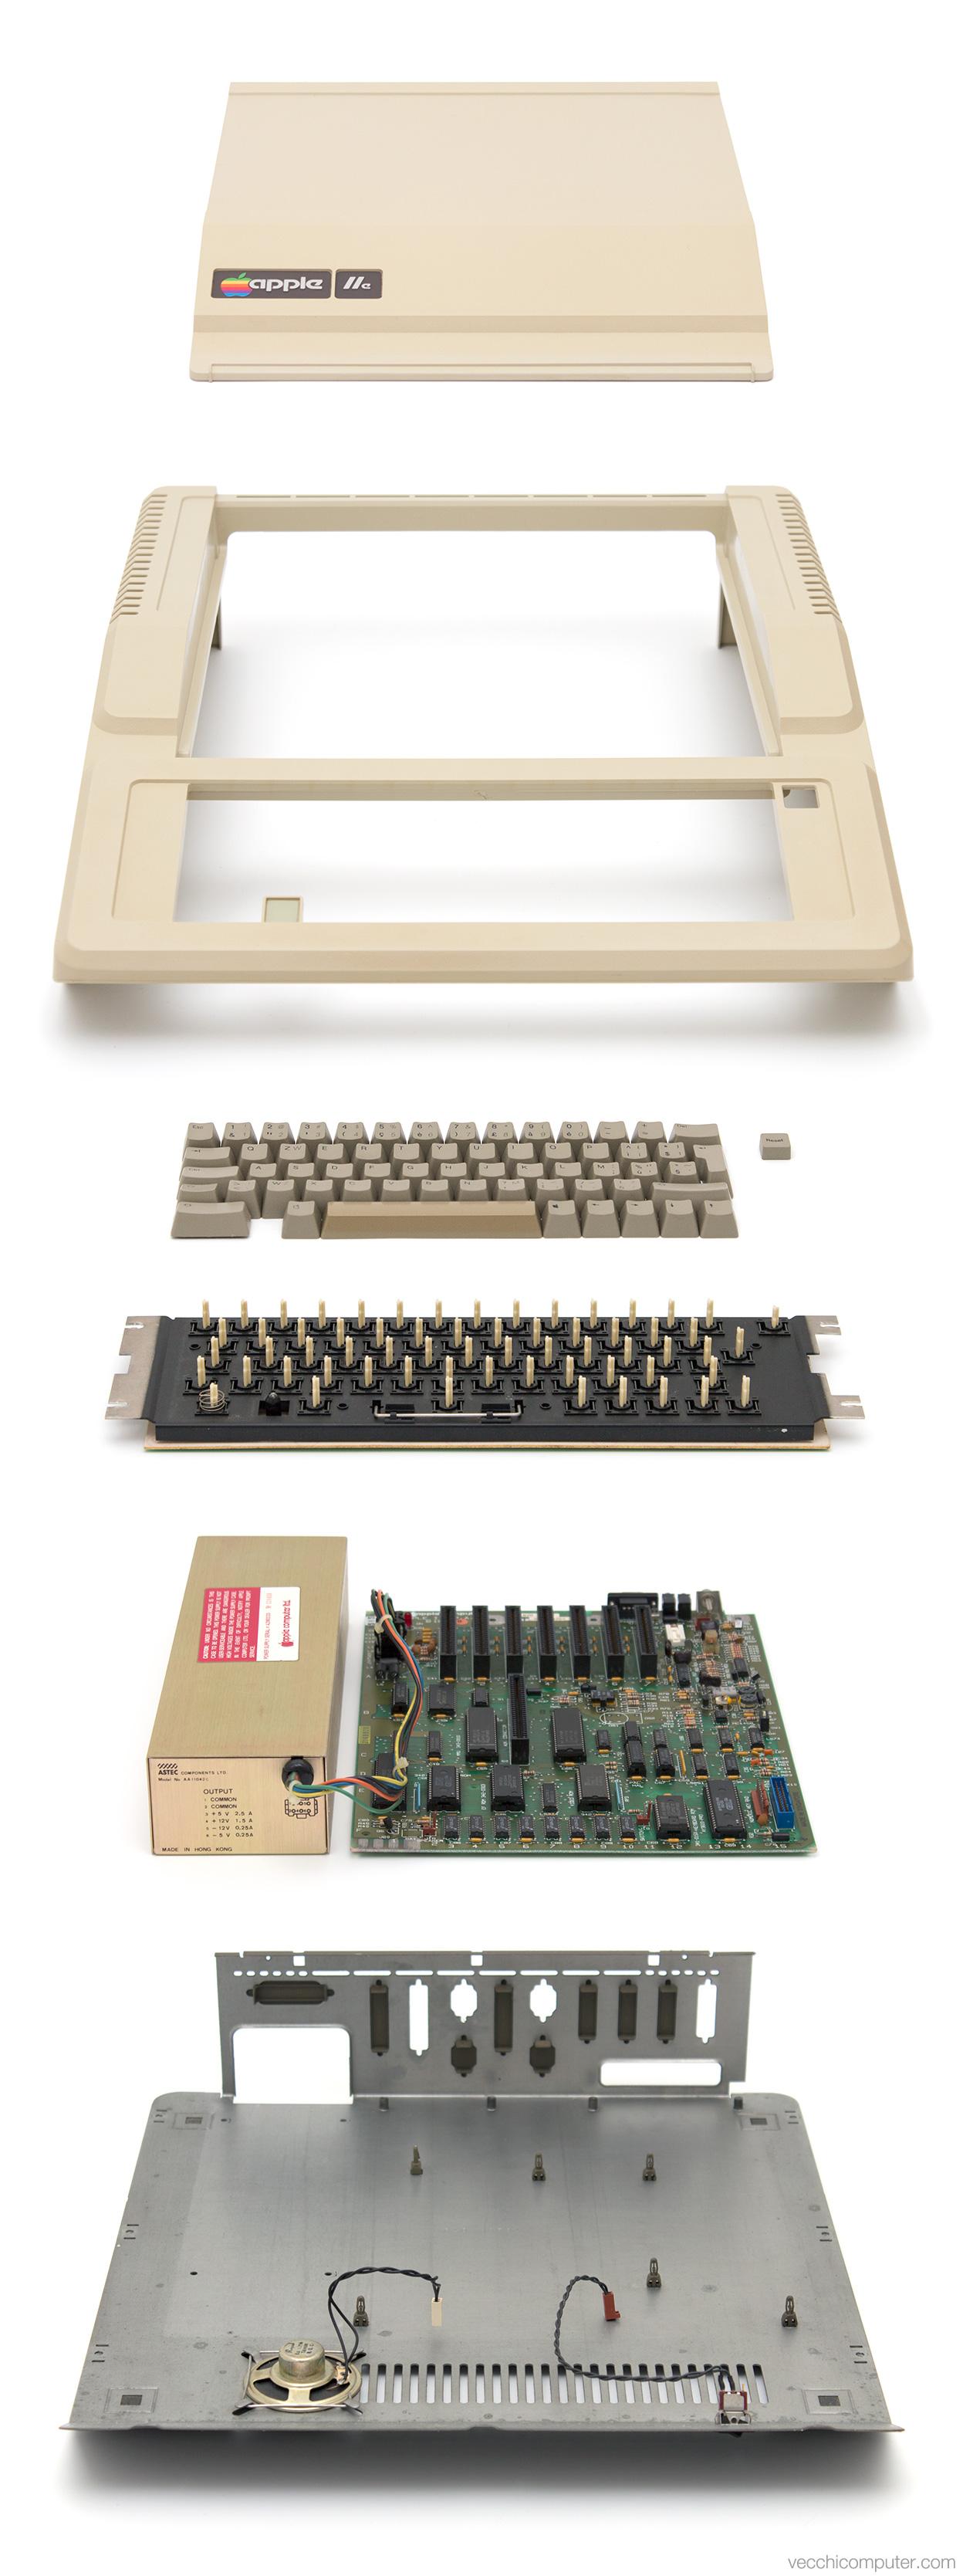 Apple IIe - vista esplosa